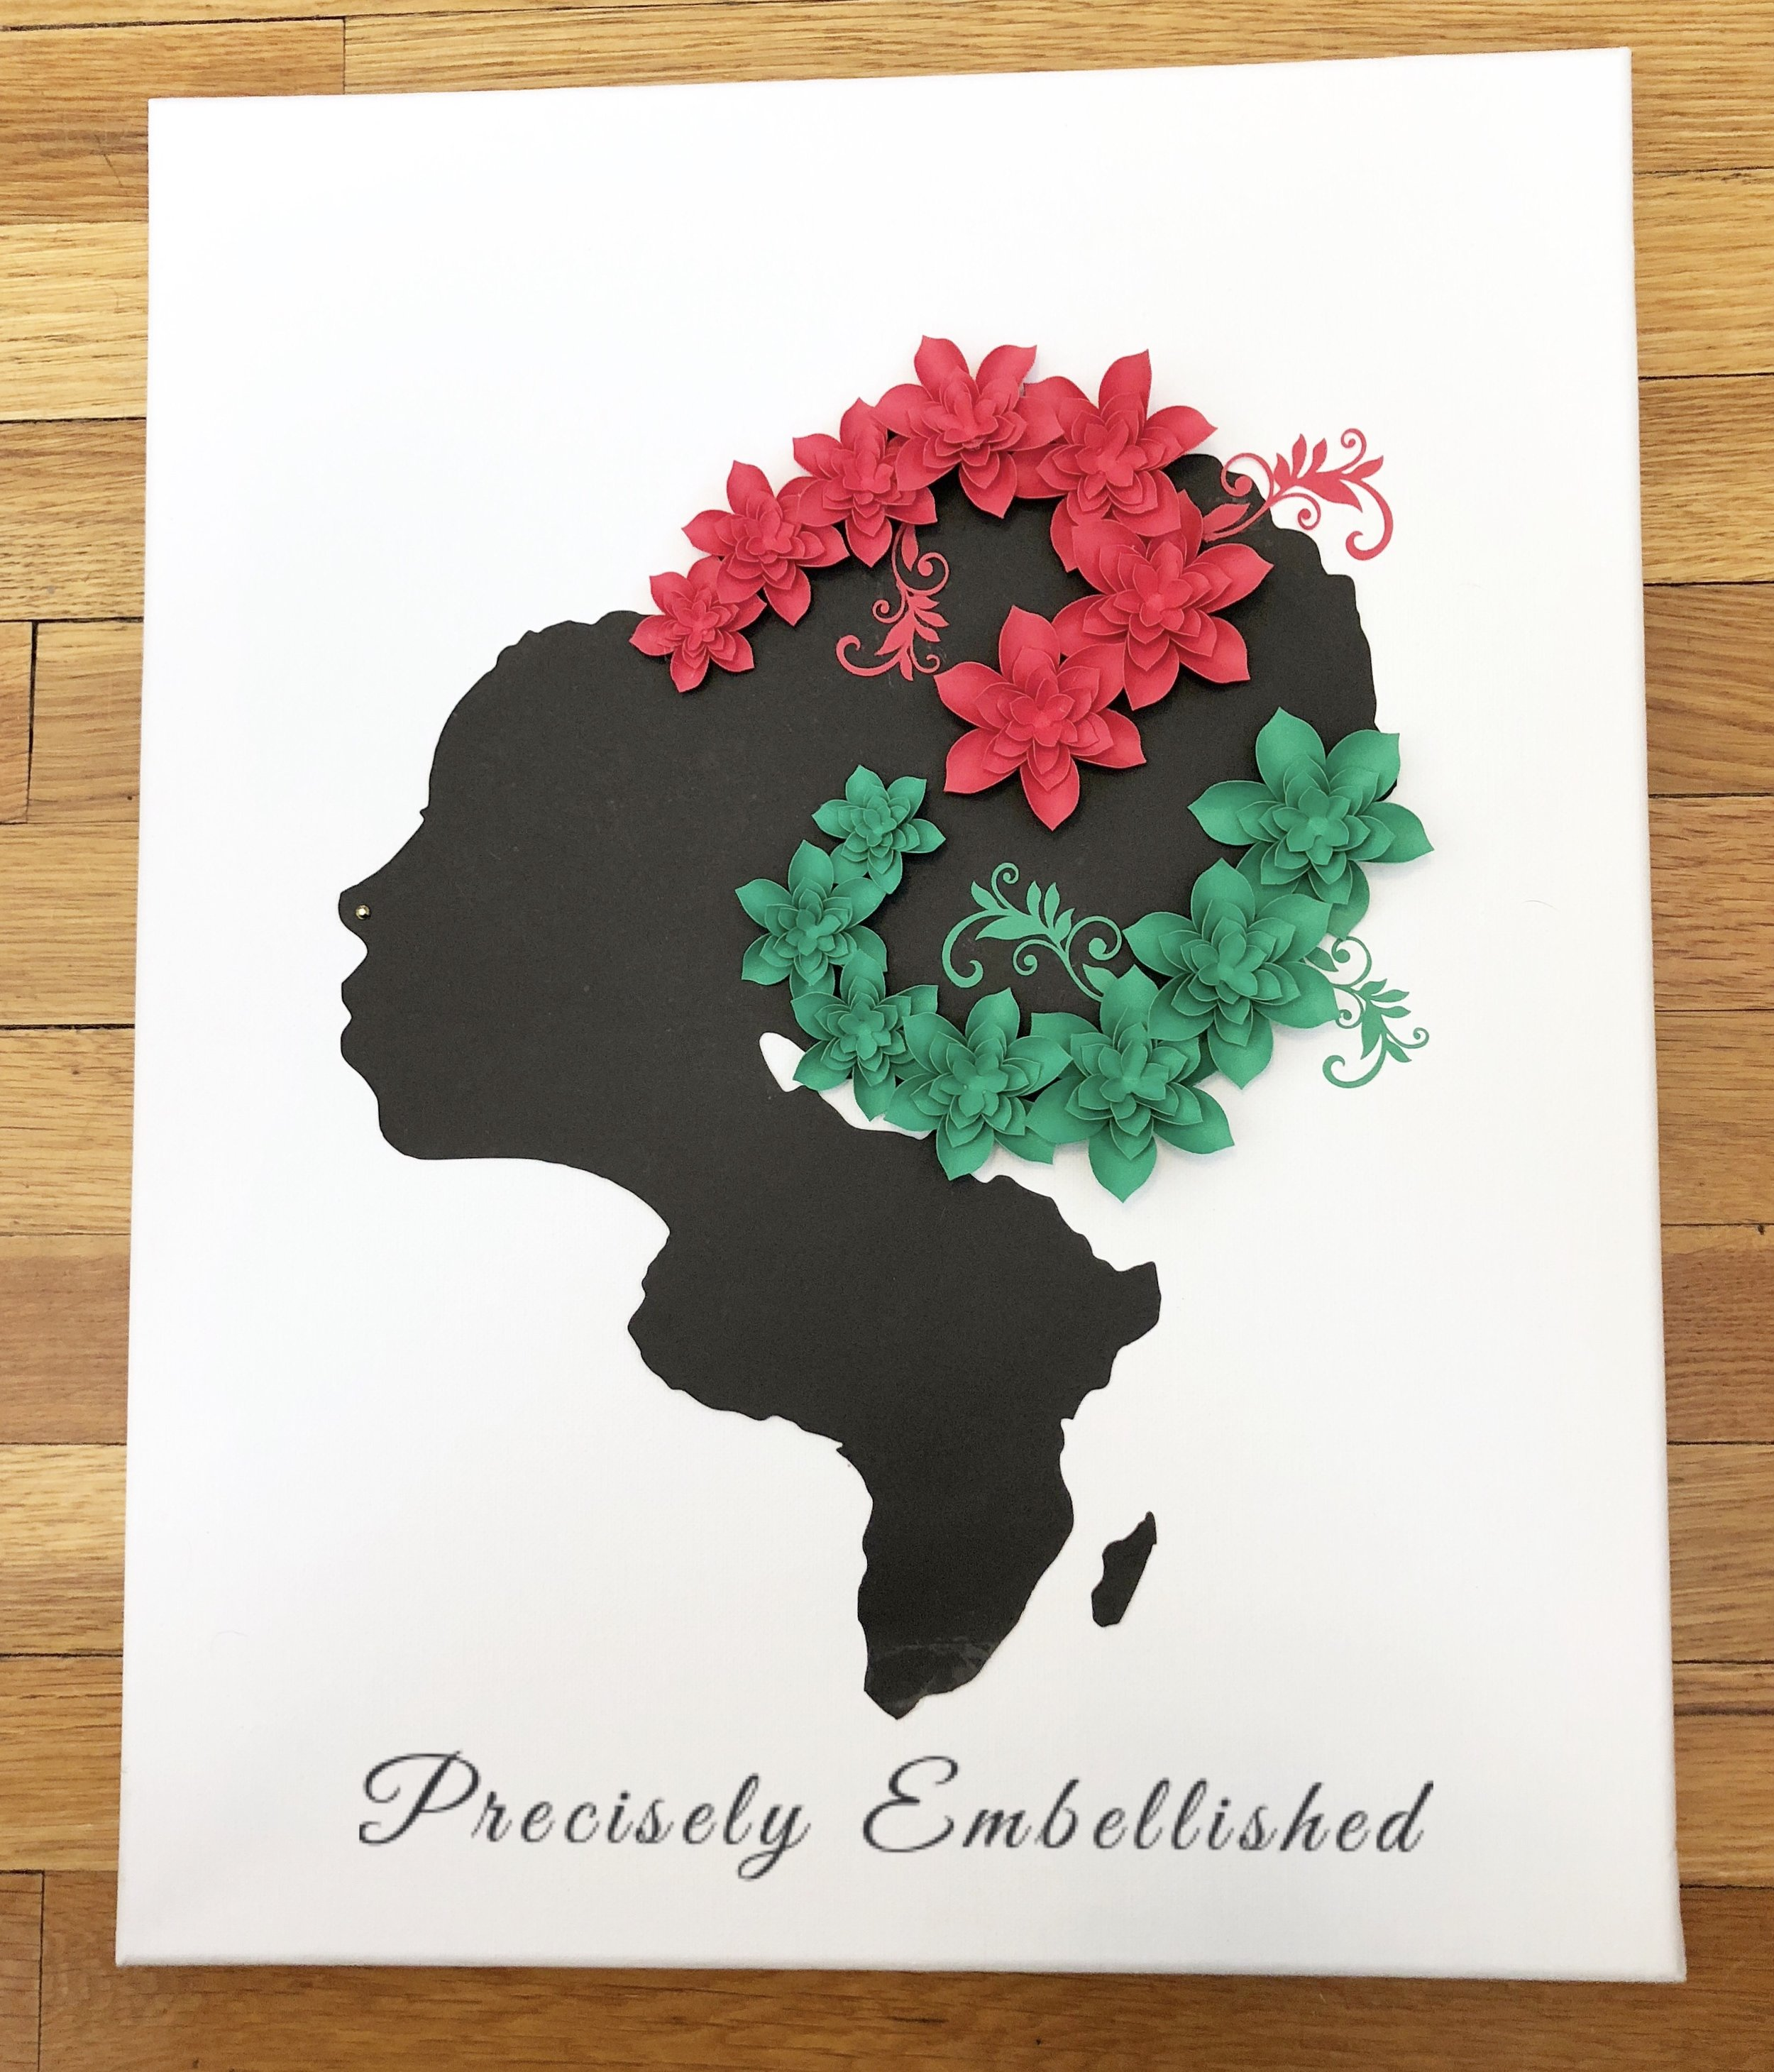 - Visit Etsy Shop: EmbellishedPrecisely